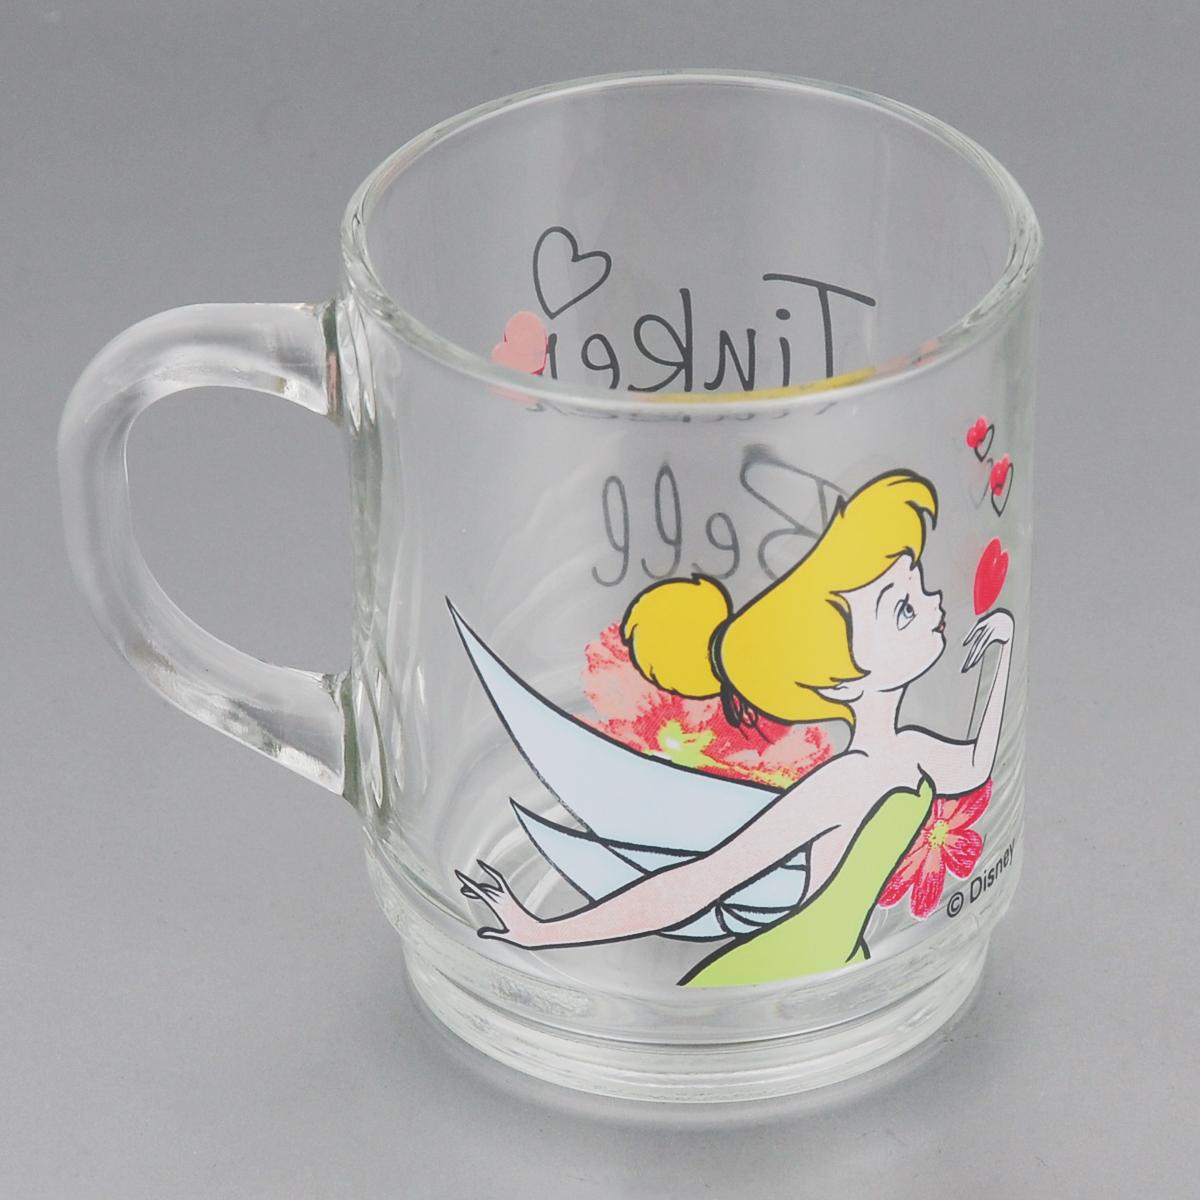 Кружка Luminarc Disney Tinker Bell, 250 млVT-1520(SR)Кружка Luminarc Disney Tinker Bell, изготовленная из прочного стекла, прекрасно подойдет для подачи горячих и холодных напитков. Она дополнит коллекцию вашей кухонной посуды и будет служить долгие годы. Диаметр кружки (по верхнему краю): 7 см. Высота стакана: 9 см.